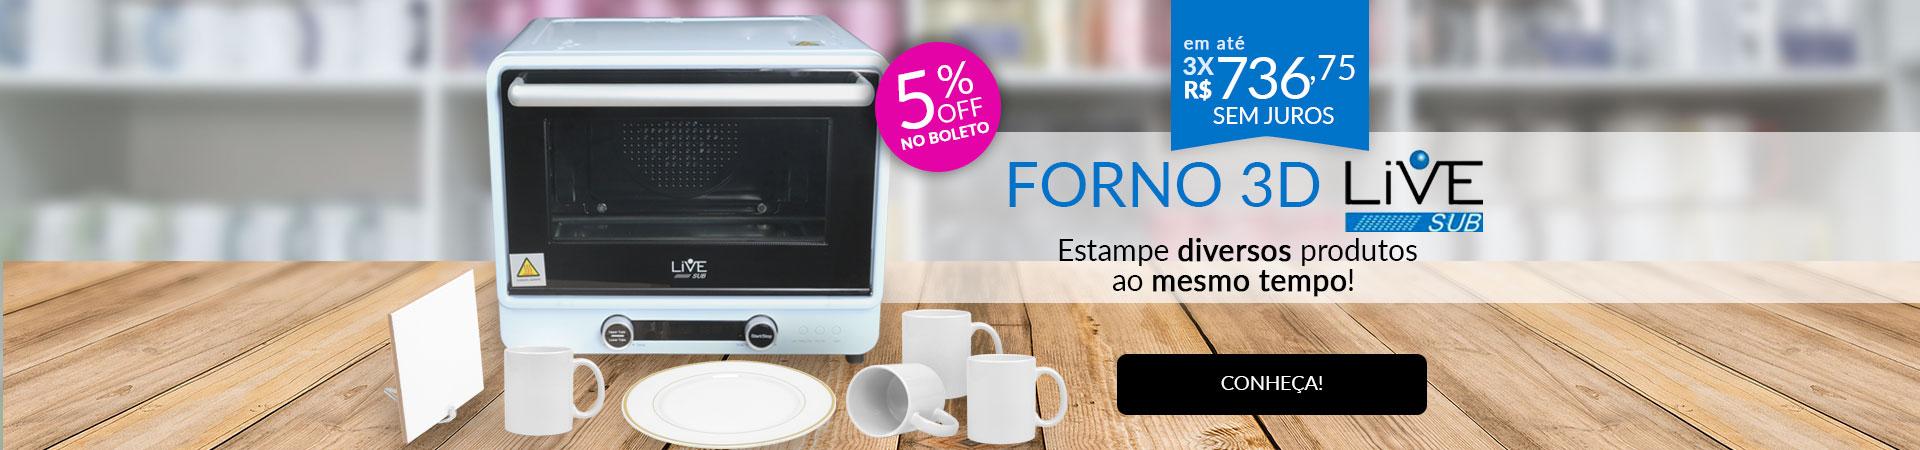 Hero 4- Forno Live